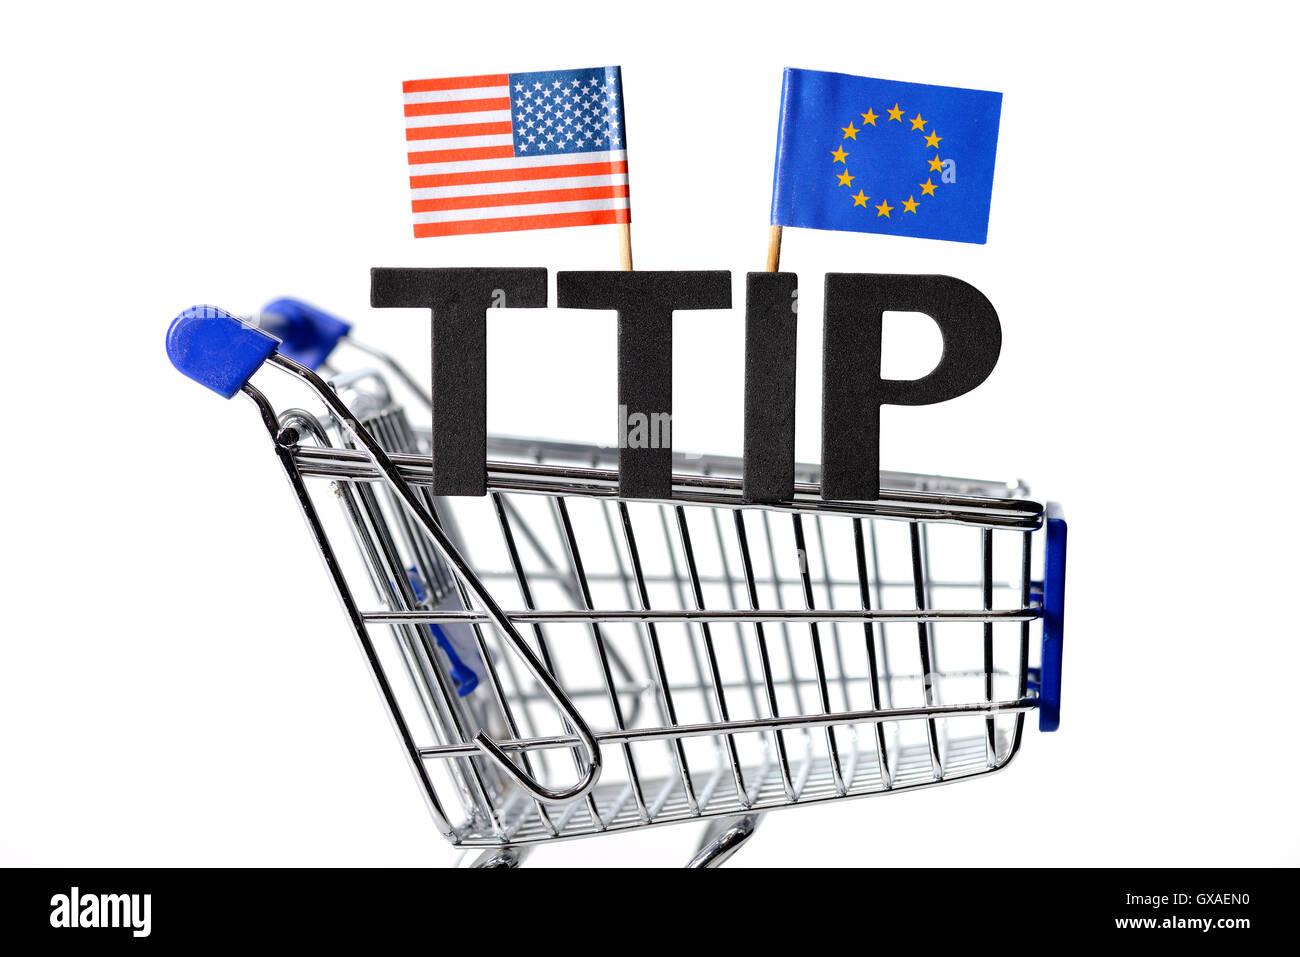 Einkaufswagen mit den Fahnen von USA und Europa, Symbolfoto Freihandelsabkommen TTIP - Stock Image